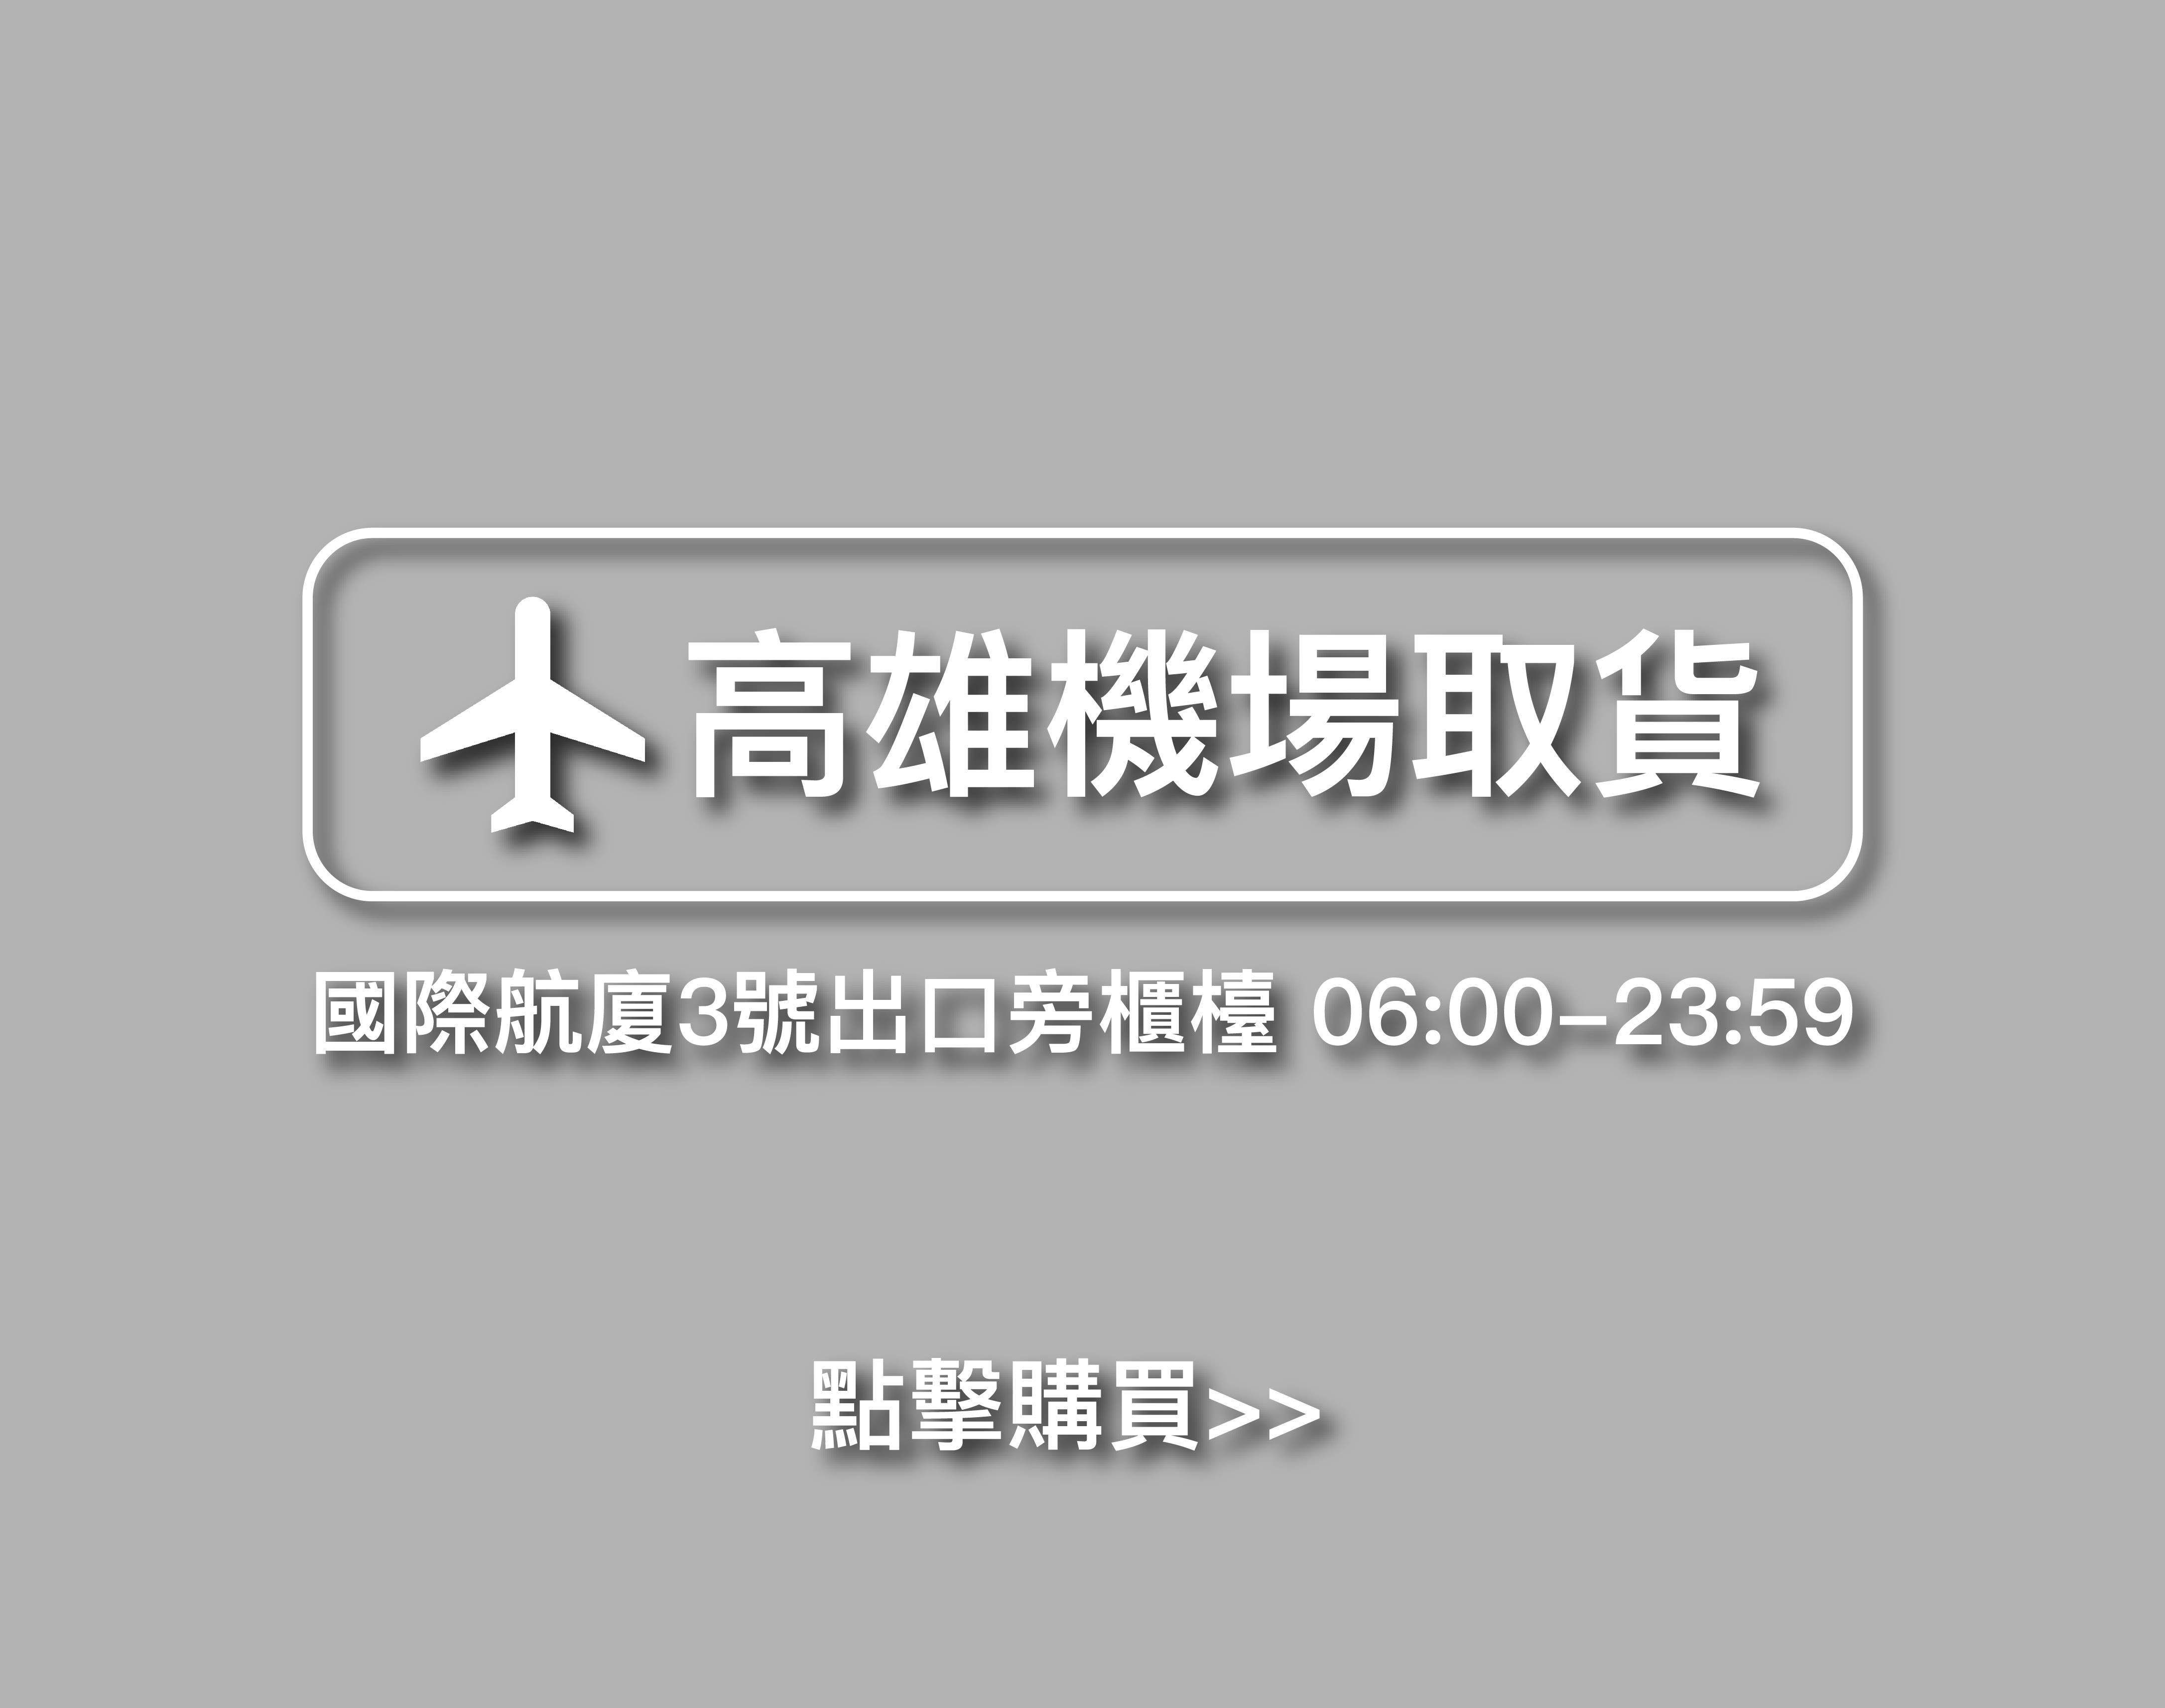 JOYTEL, 高雄機場, 機場取貨